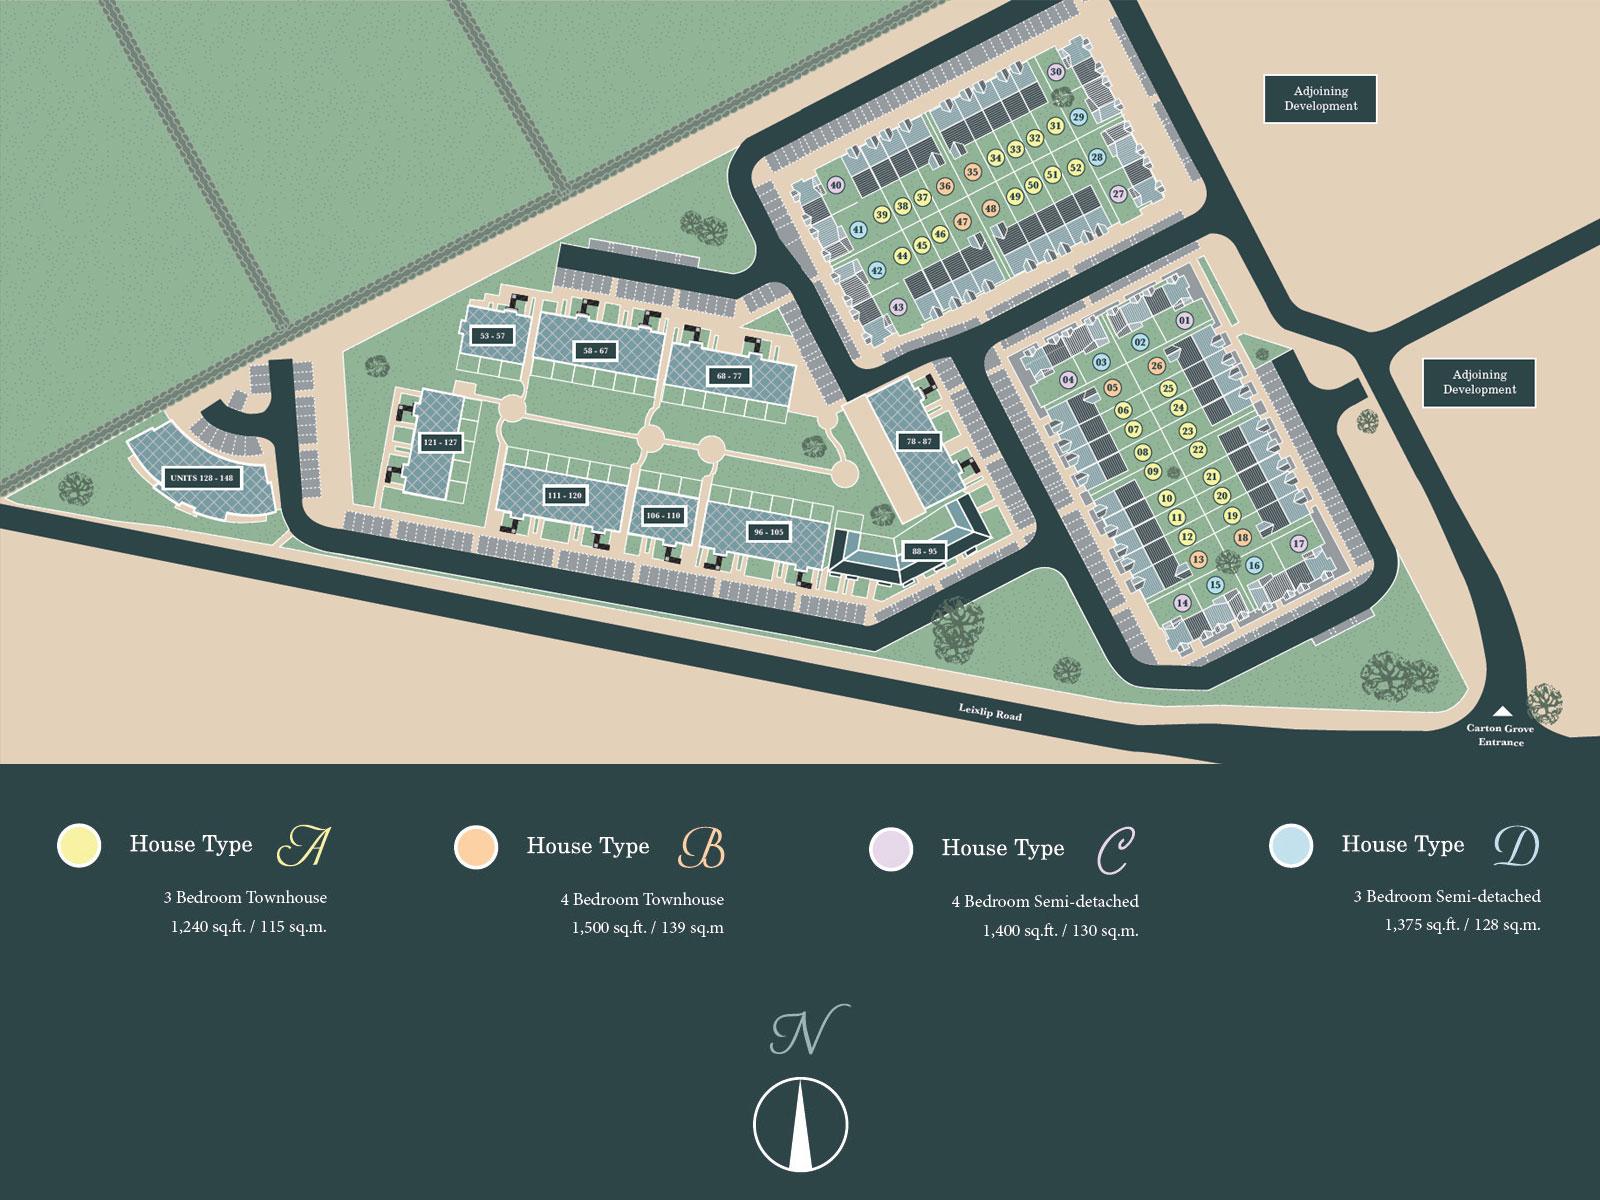 Carton Grove Site Map